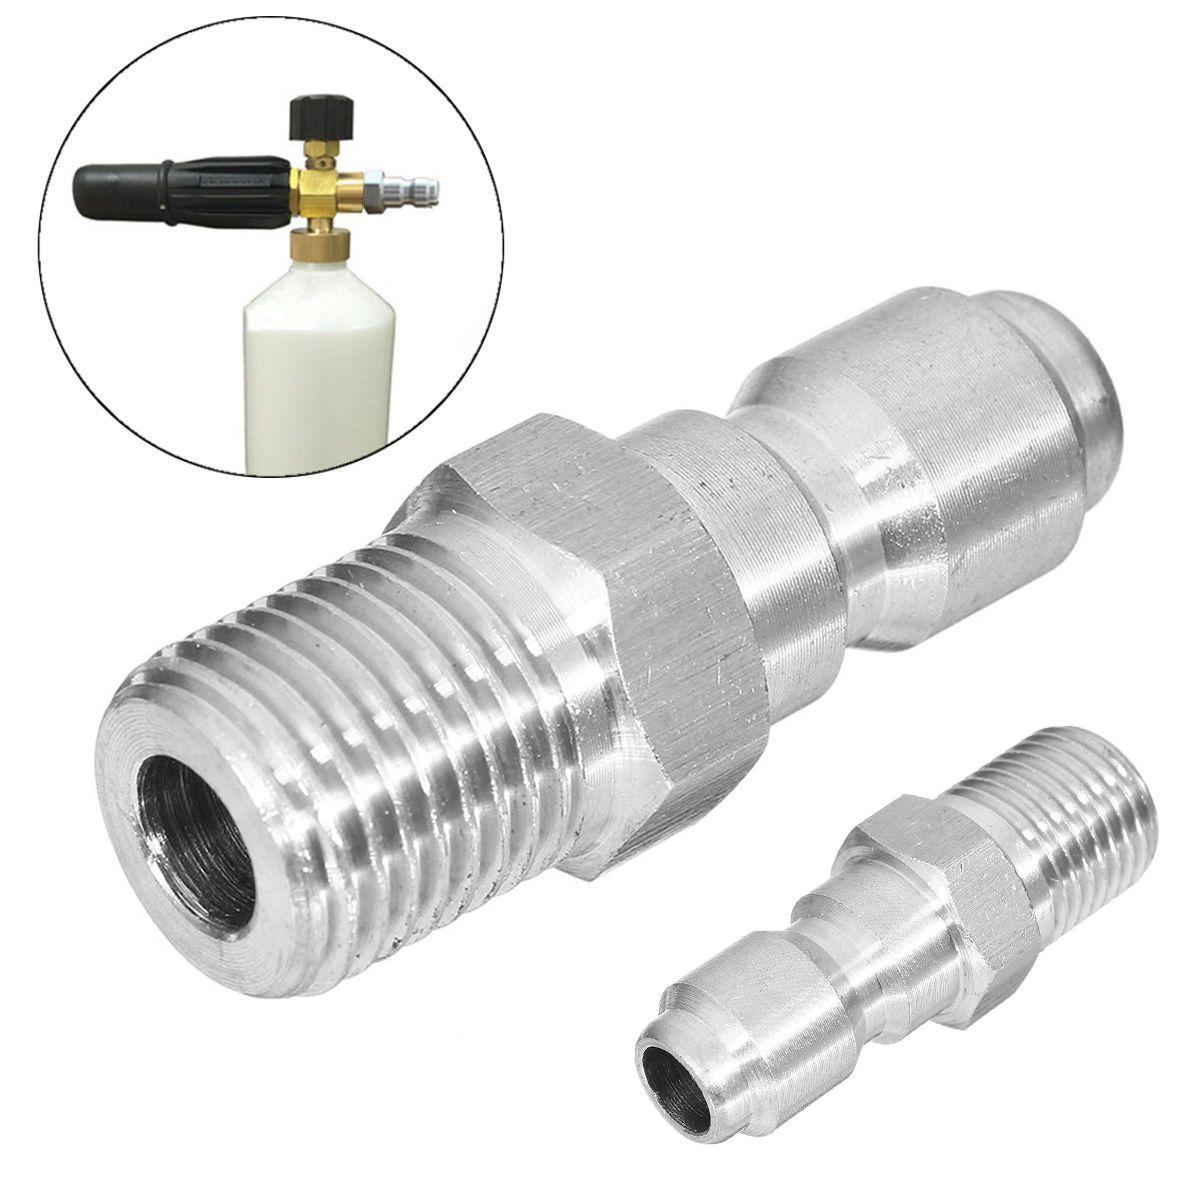 1 stück Splitter 1/4 Loch Schnellwechsler für Universal Druck Blase Topf Washer Adapter Mayitr Durable Schnellverschluss Stecker 16*40mm